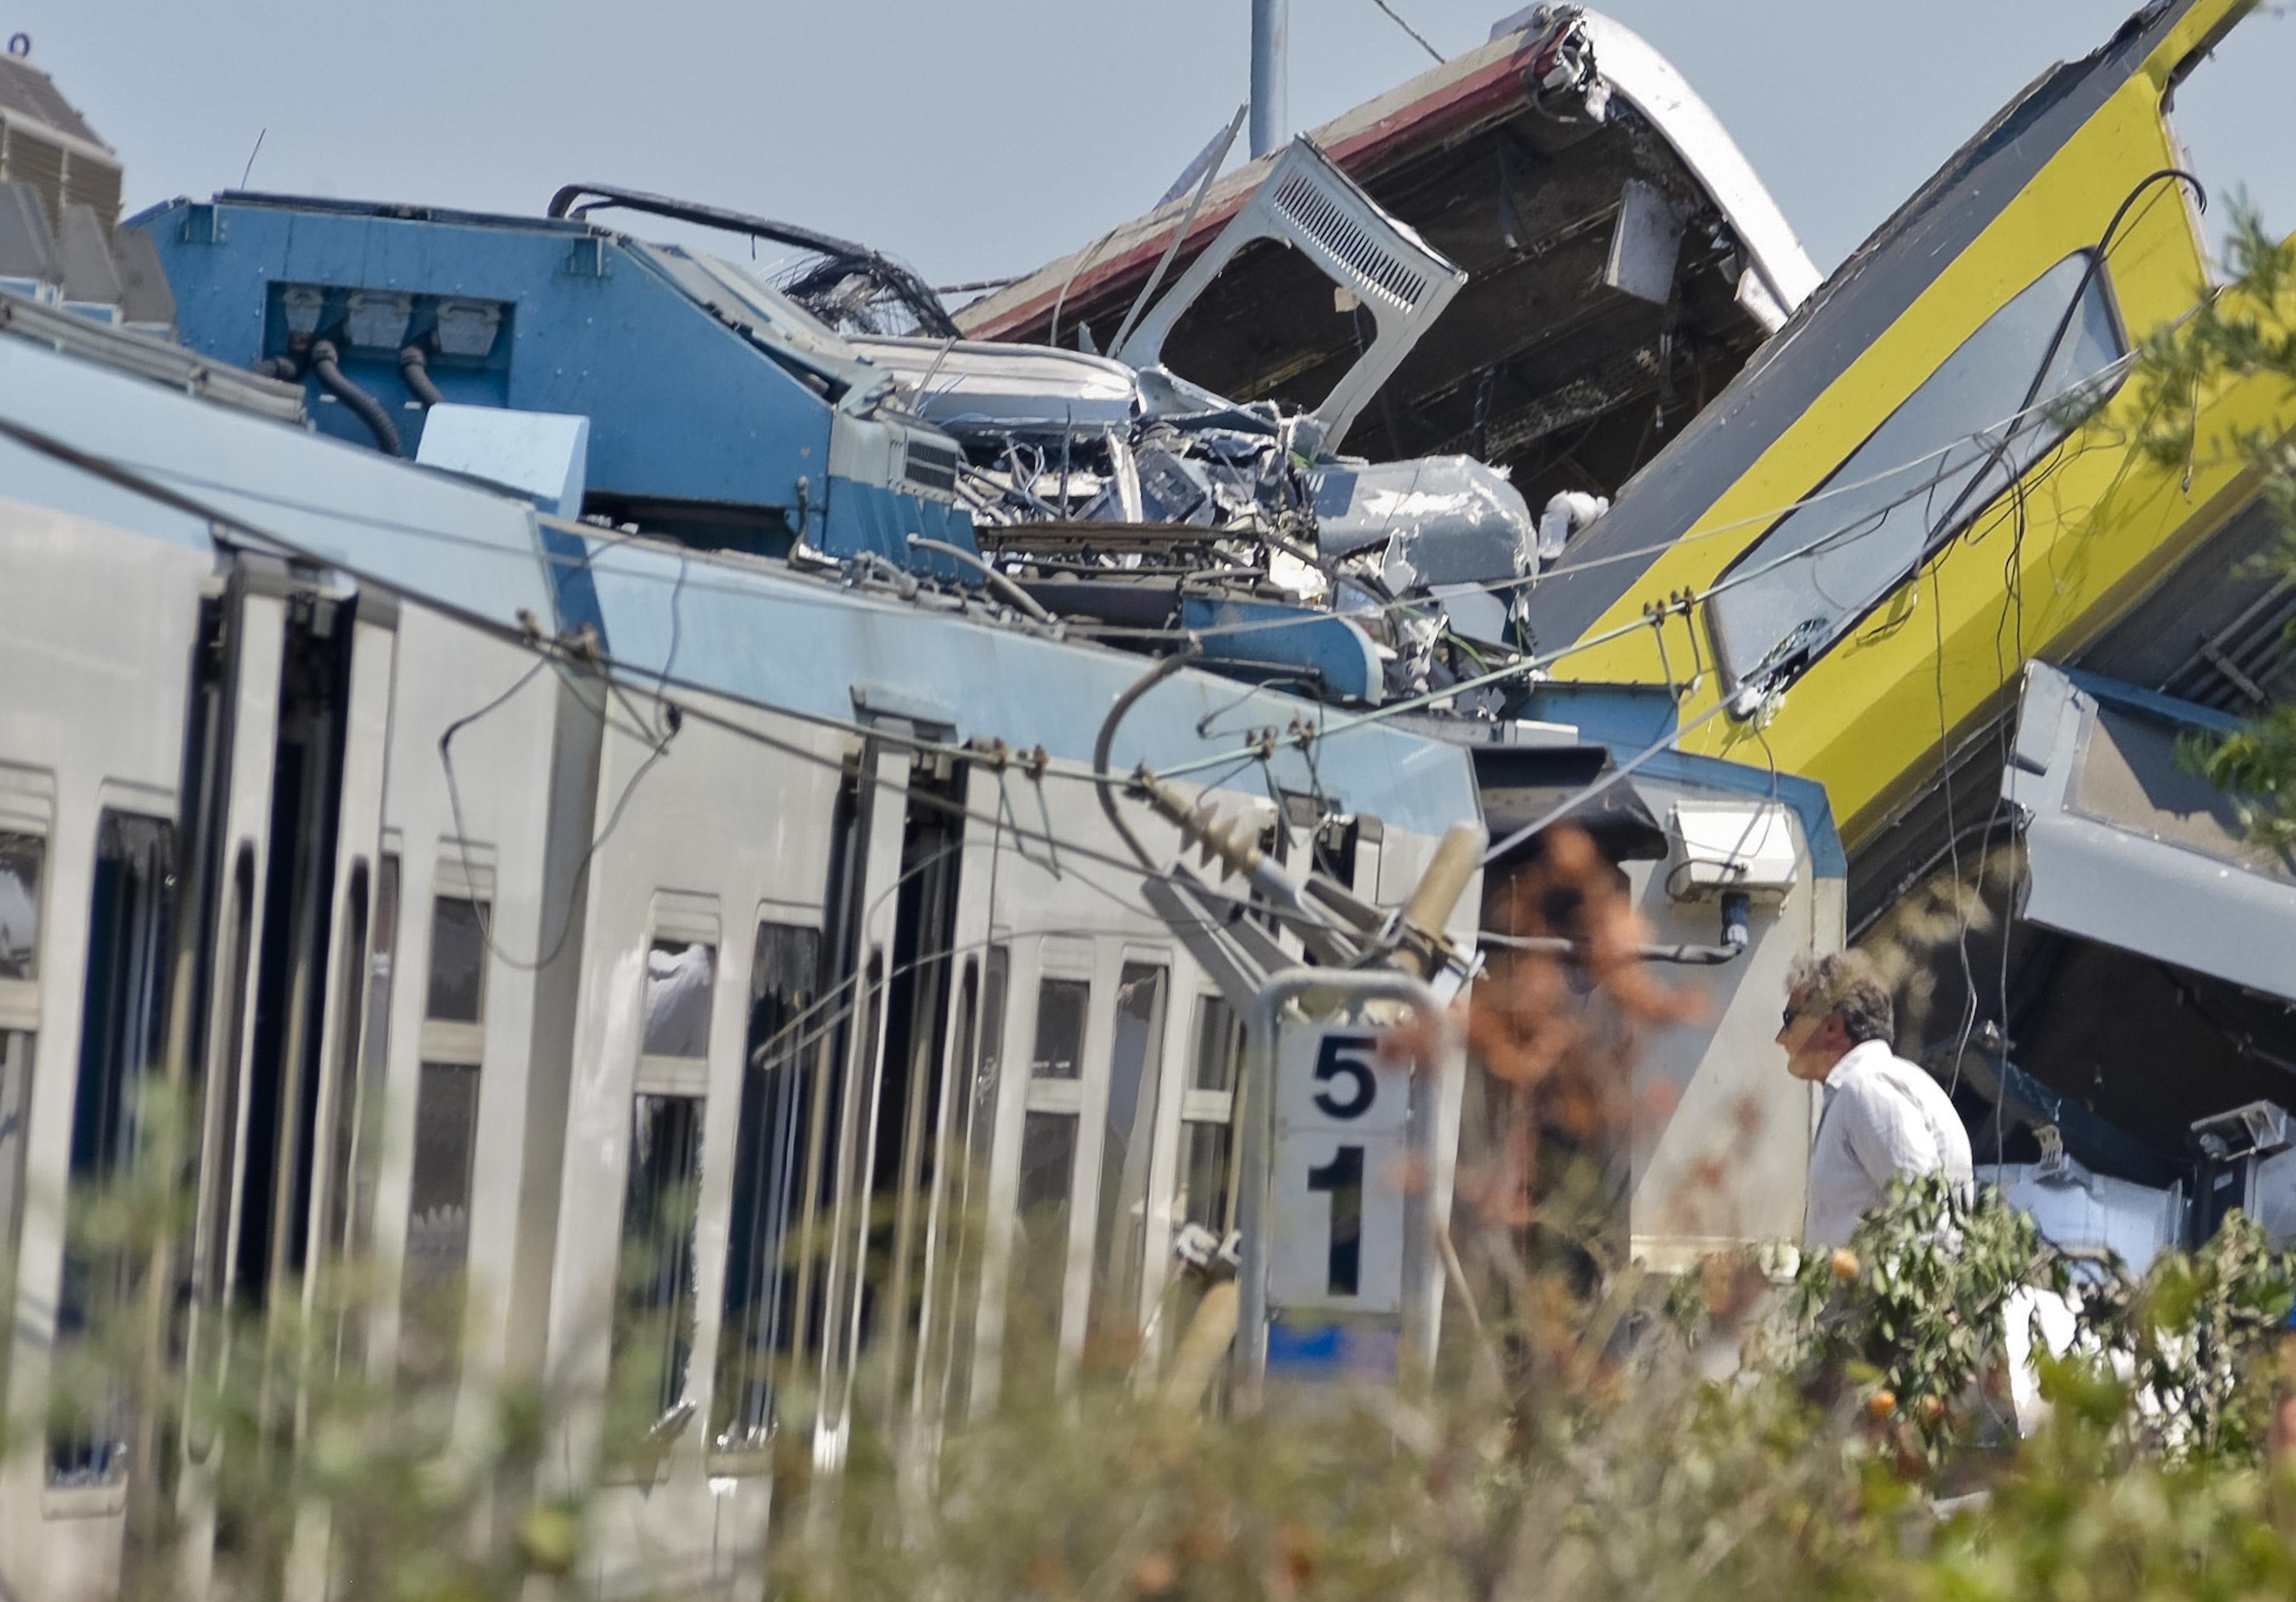 Inchiesta scontro treni, 19 indagati